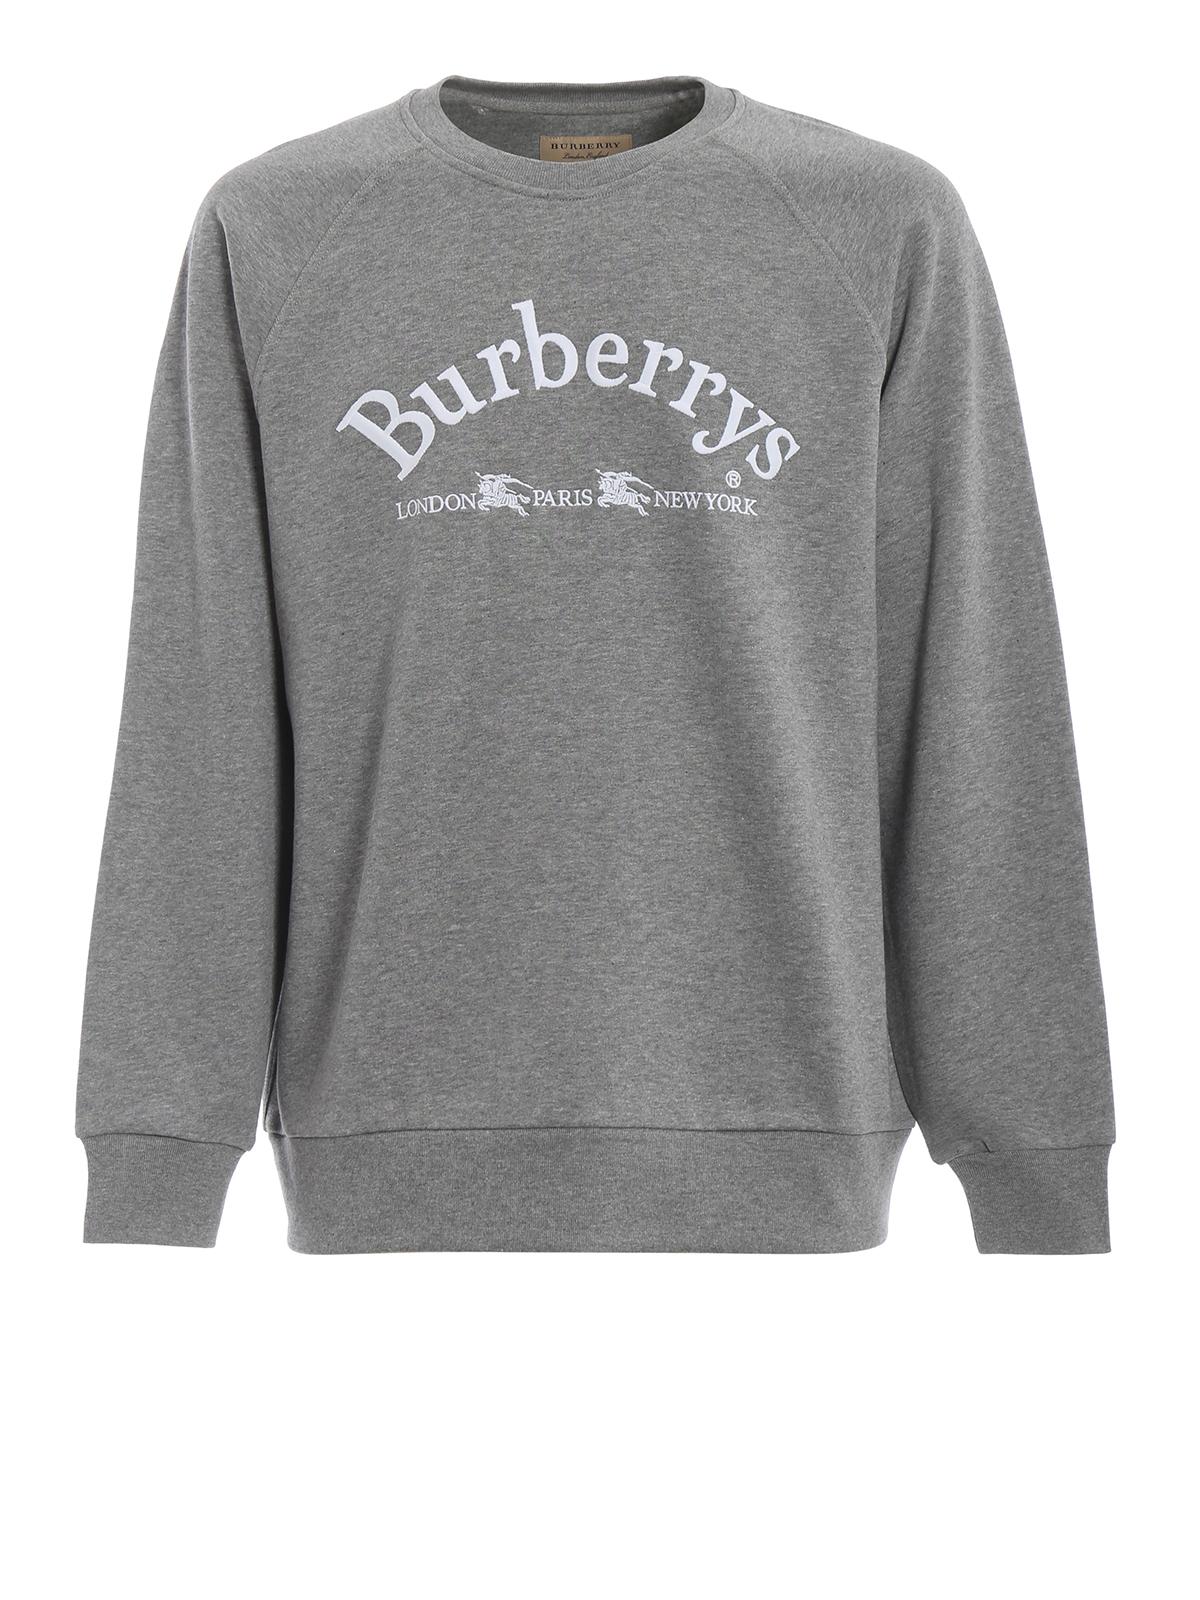 Schuhwerk online professionelles Design Burberry - Sweatshirt - Grau - Sweatshirts und Pullover ...